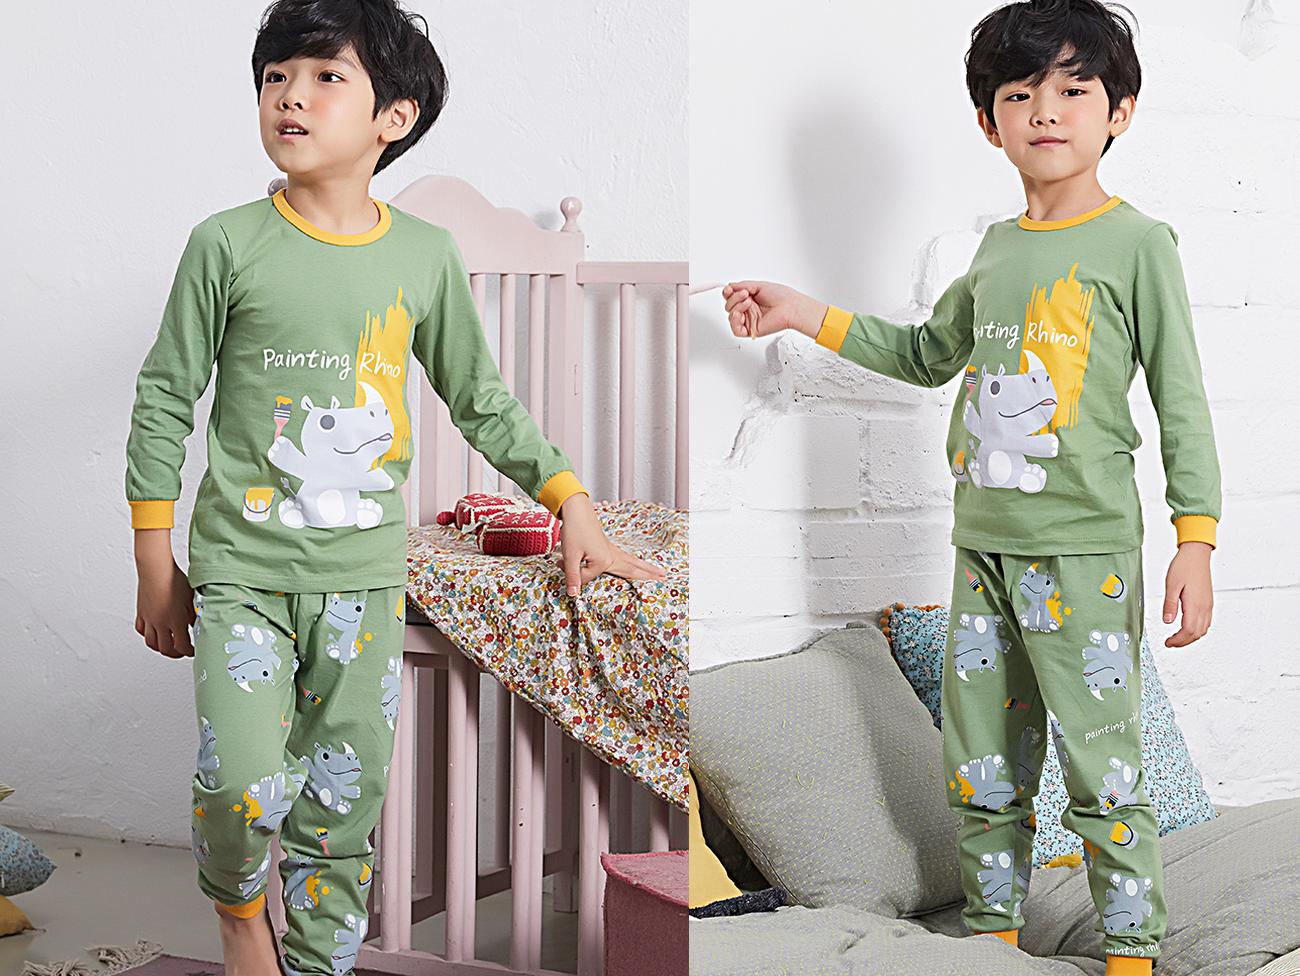 Olomimi Painting Rhino Kid Pyjamas